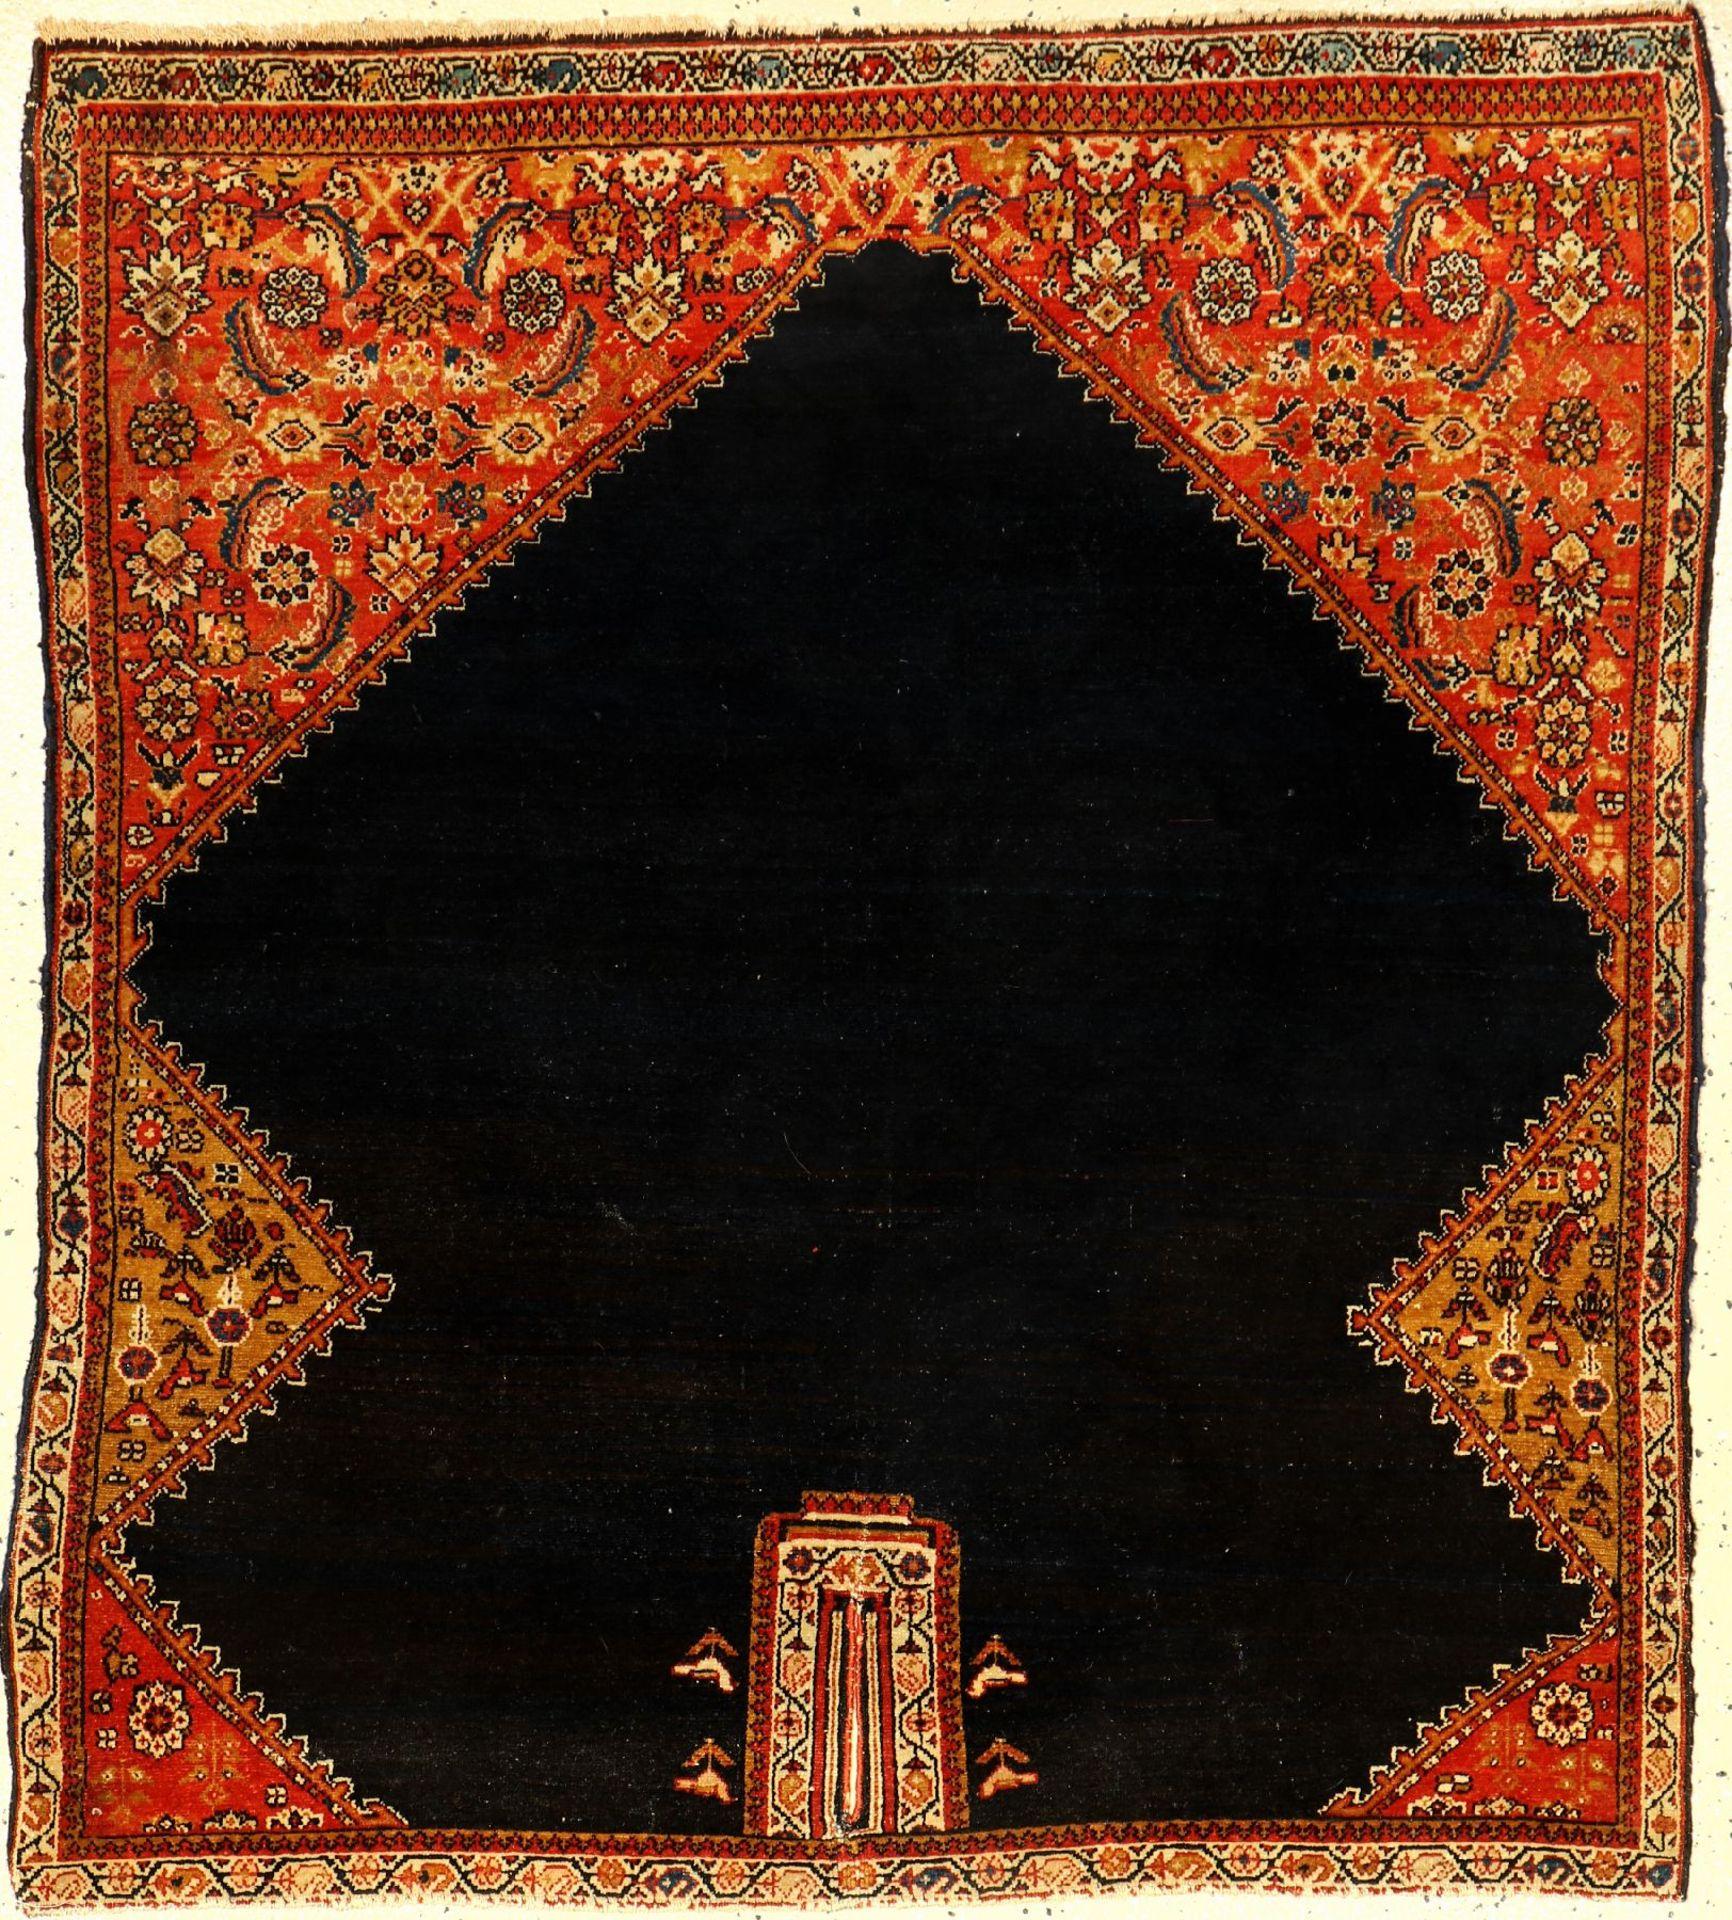 Feiner Malayer Sattel antik, Persien, Ende 19.Jhd., Wolle auf Baumwolle, ca. 116 x 102 cm, EHZ: 2-